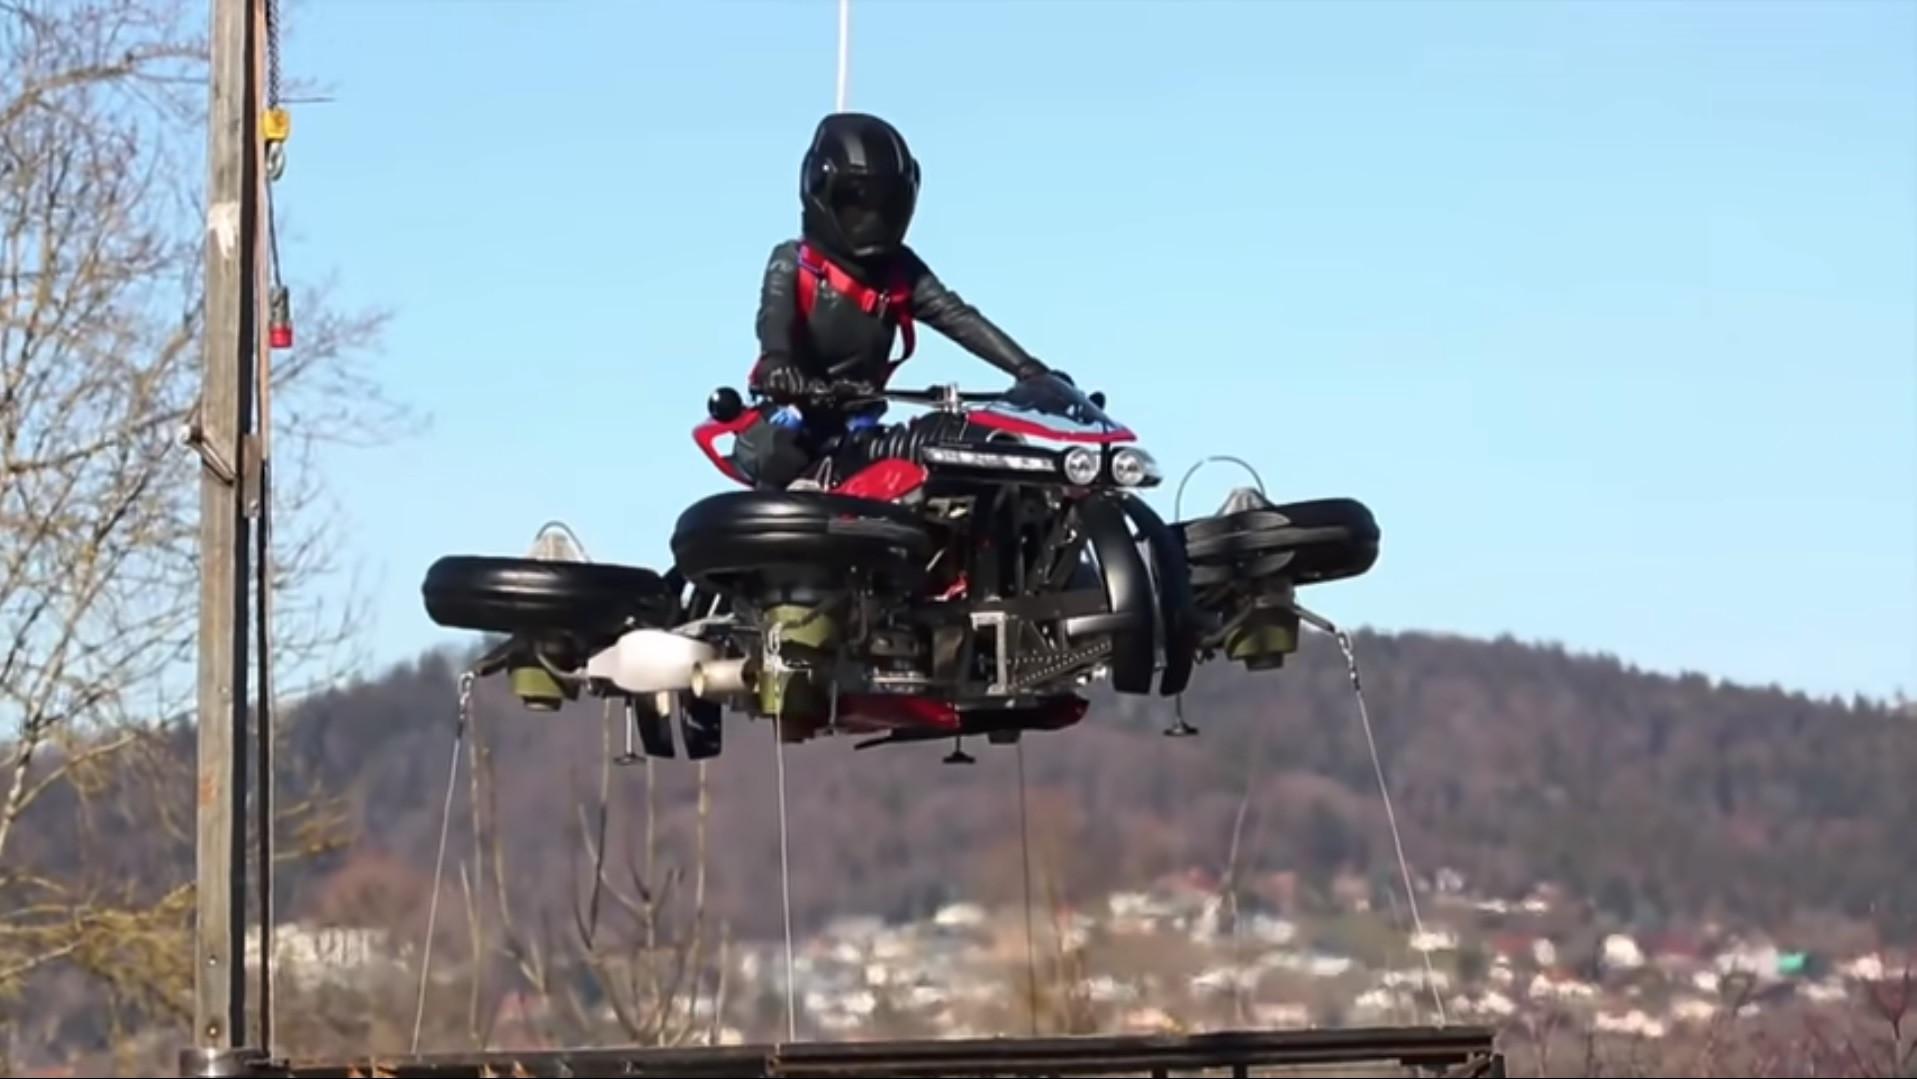 Esta mota quer fasciná-lo na terra e no ar